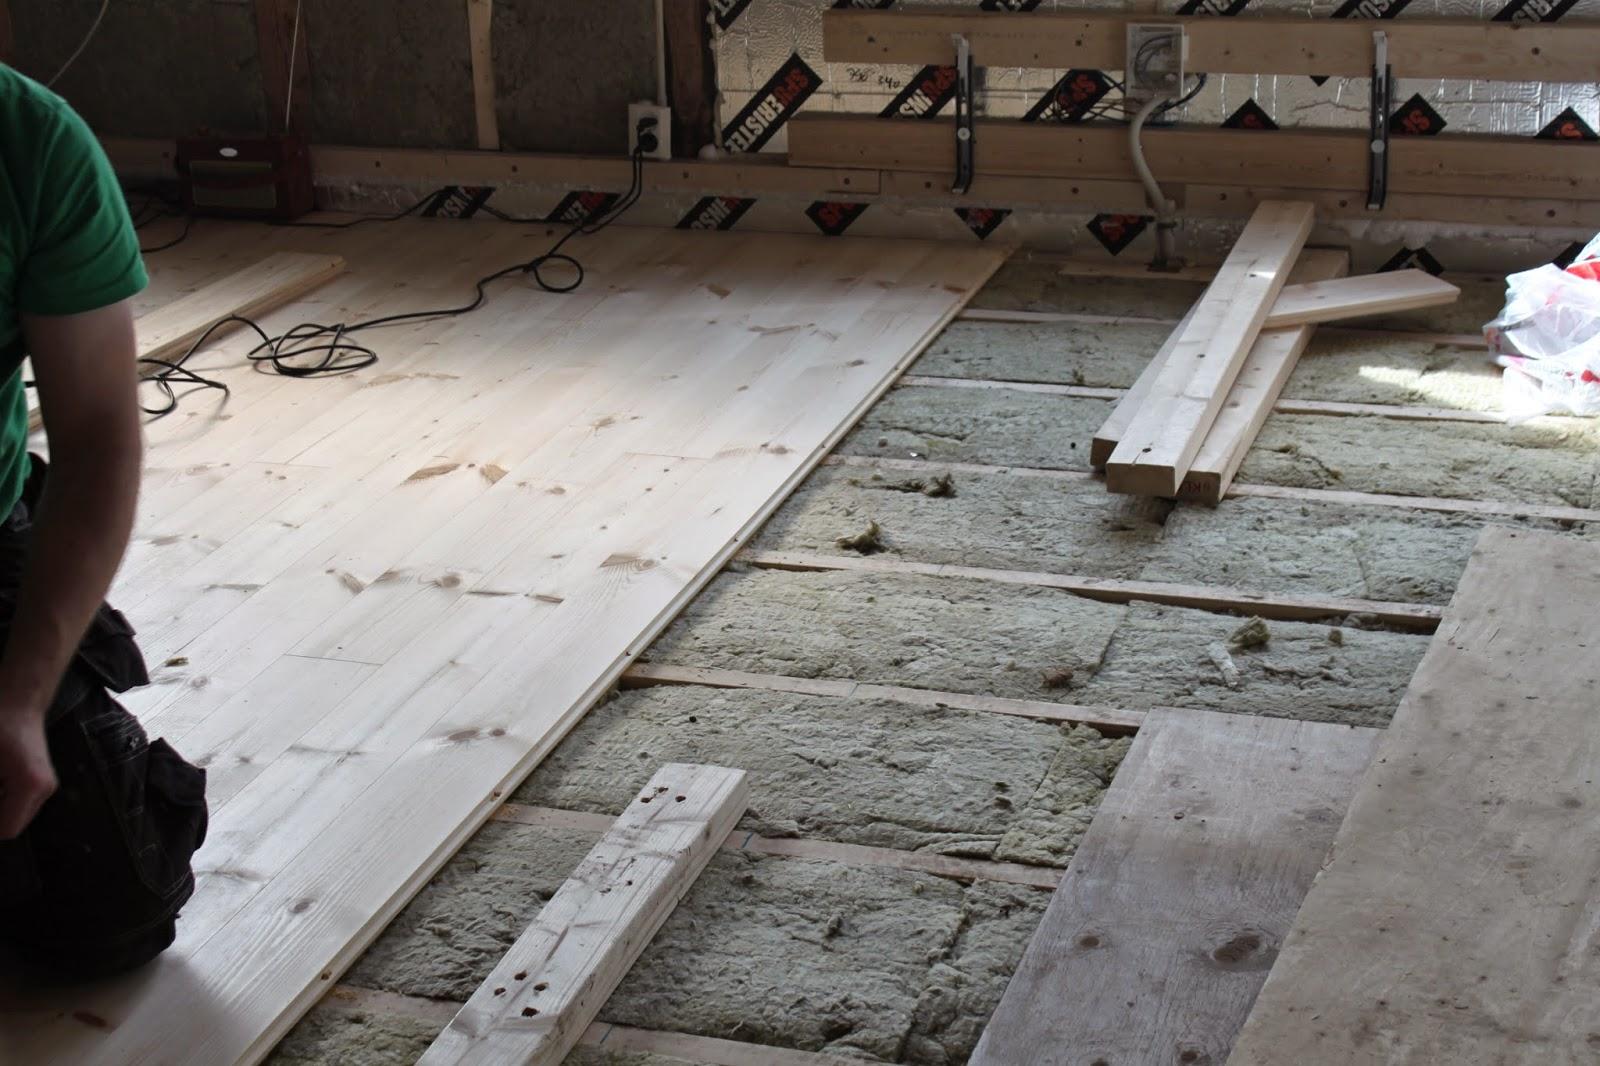 puukorotettu lattia